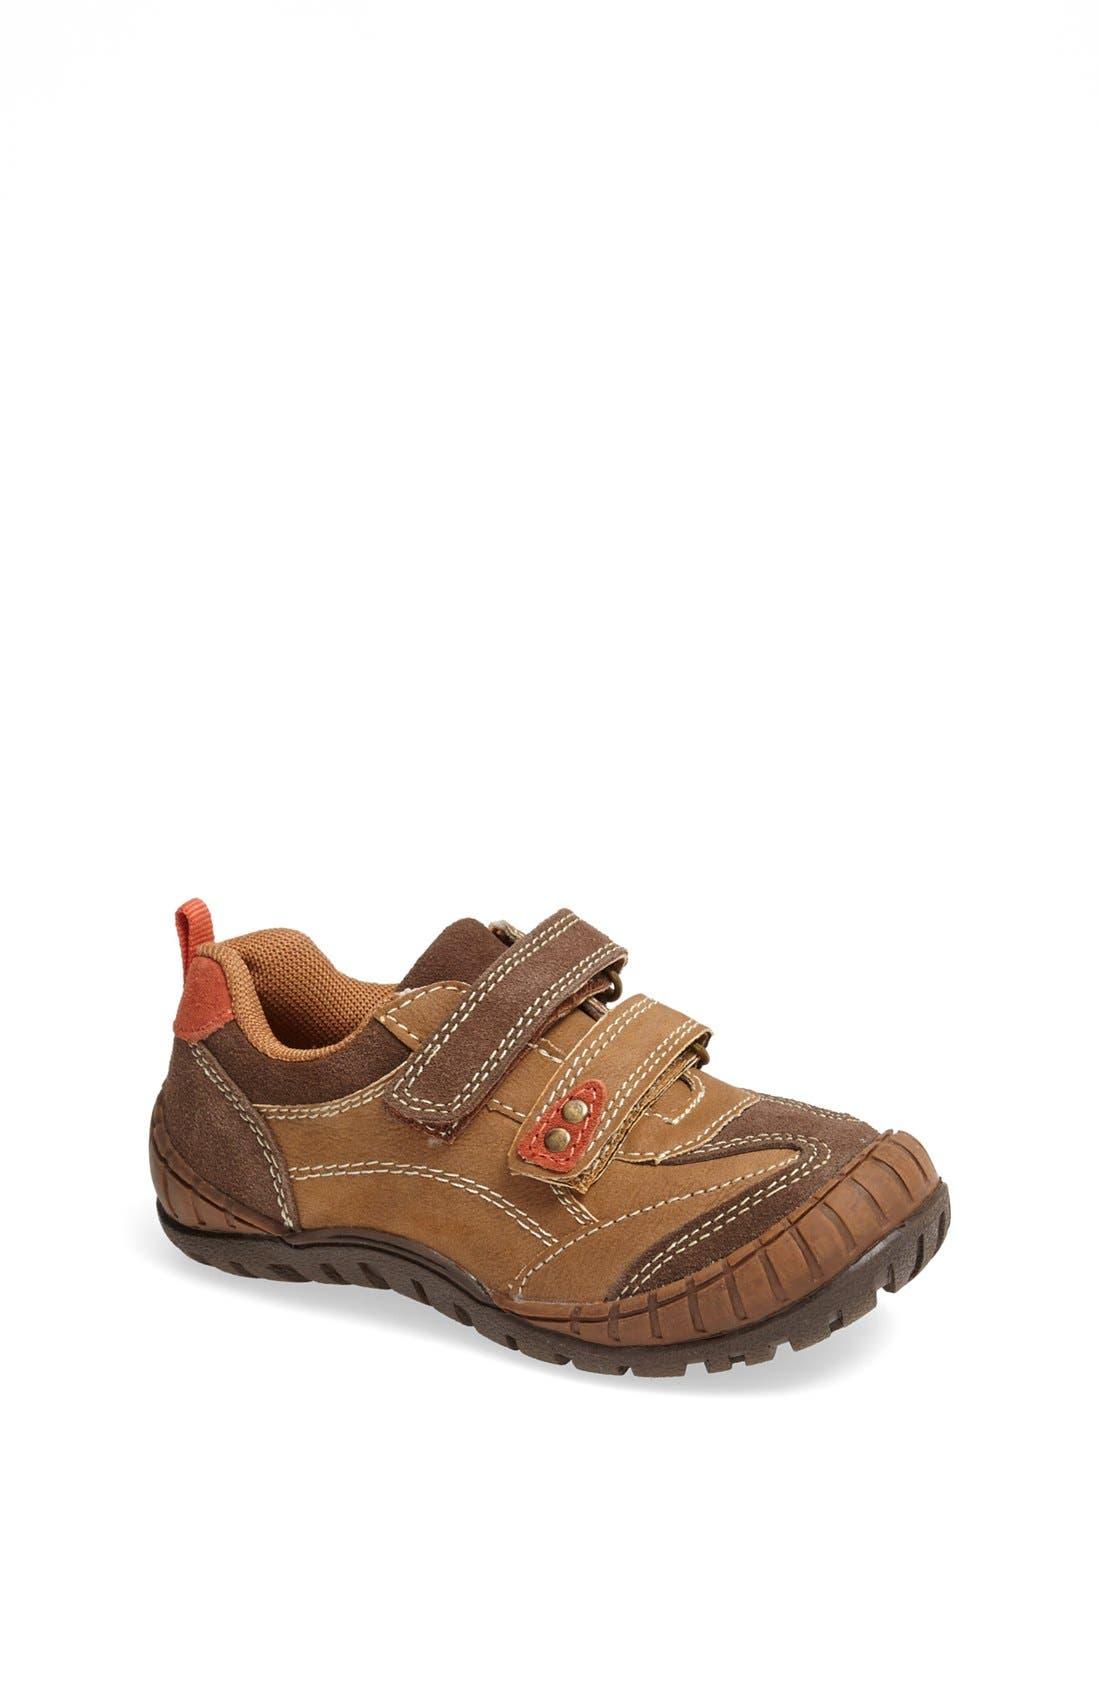 Alternate Image 1 Selected - Jumping Jacks 'Mack' Sneaker (Toddler & Little Kid)